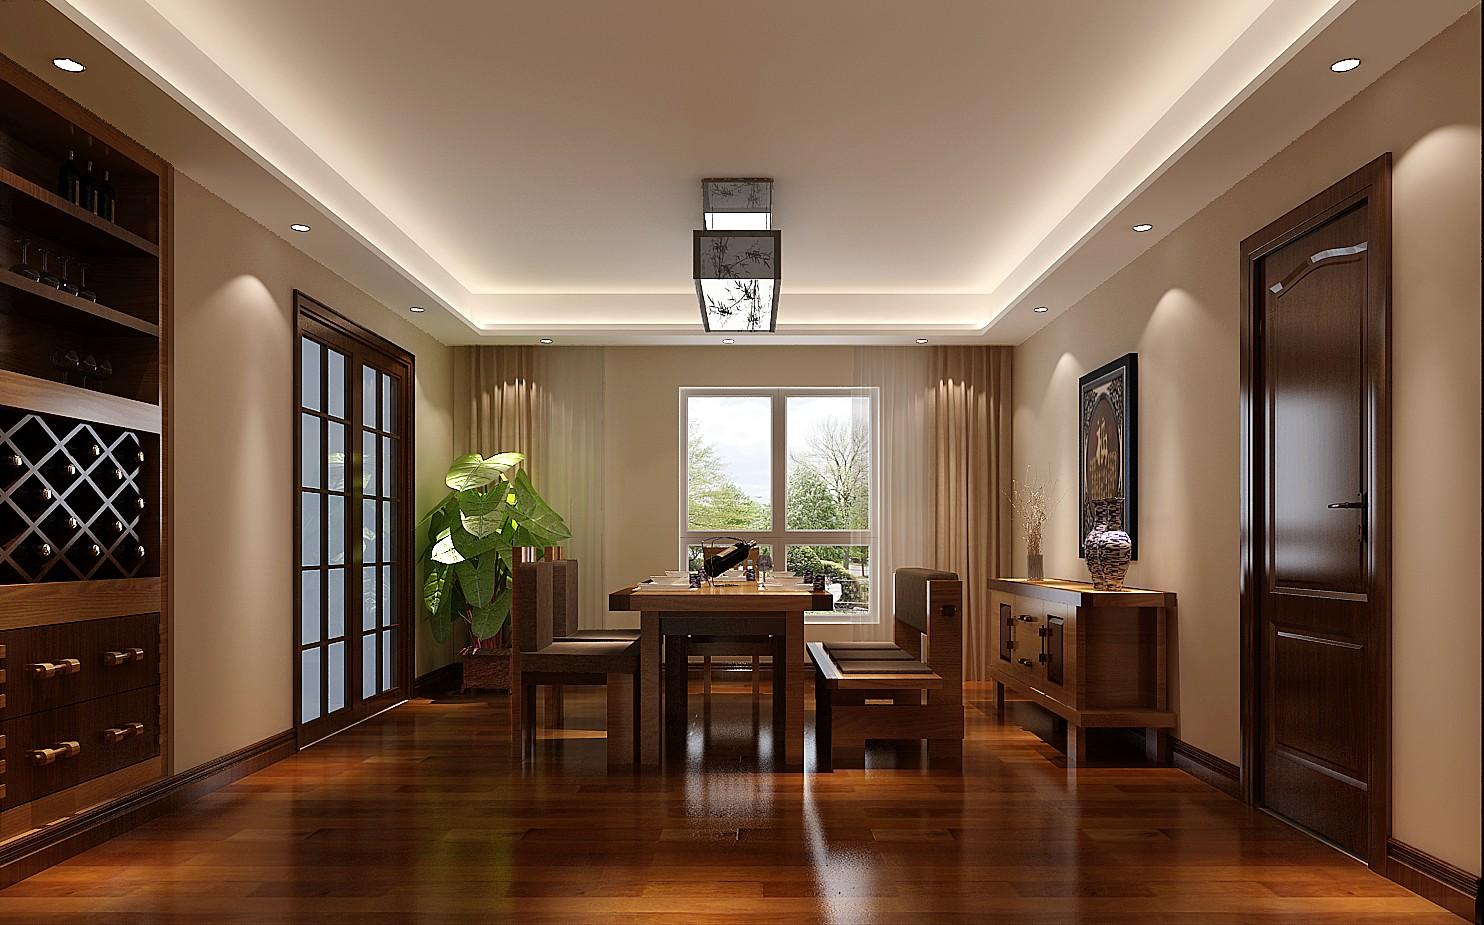 新中式 四居 白领 公寓 北京装修 高度国际 装修报价 餐厅图片来自高度国际装饰华华在军区大院的新中式设计的分享